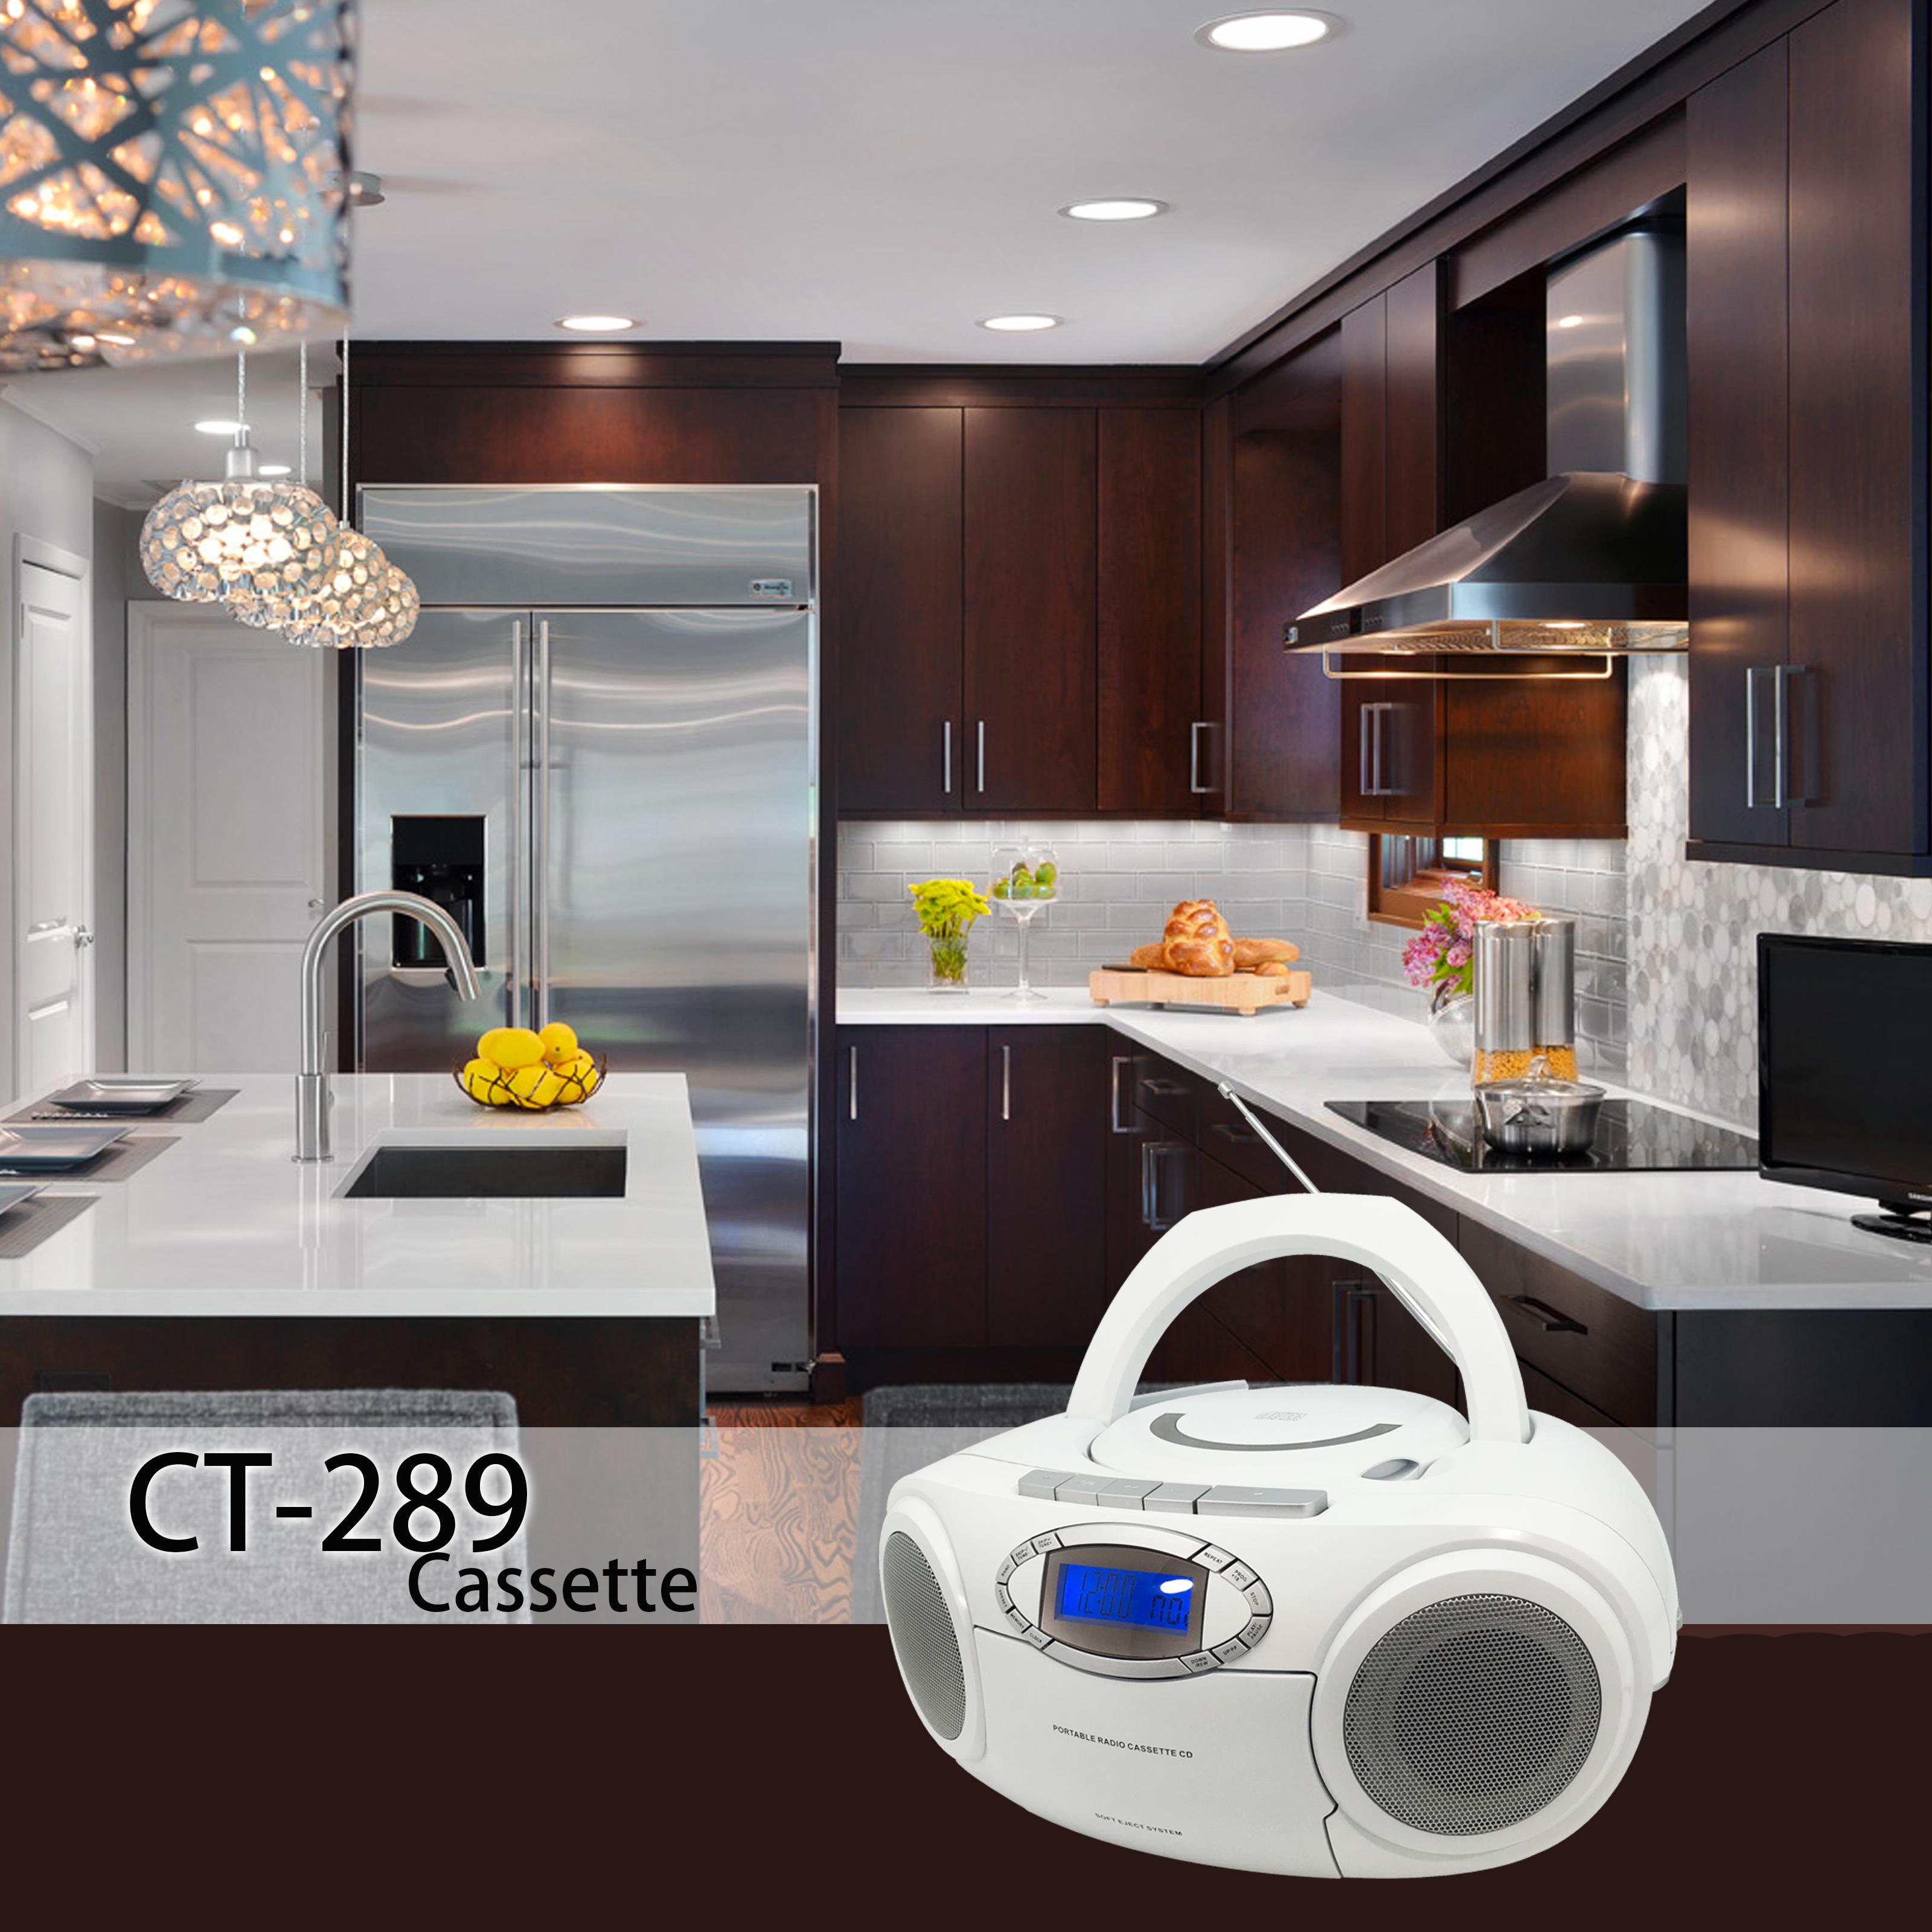 CT-289 Cassette Kitchen.jpg